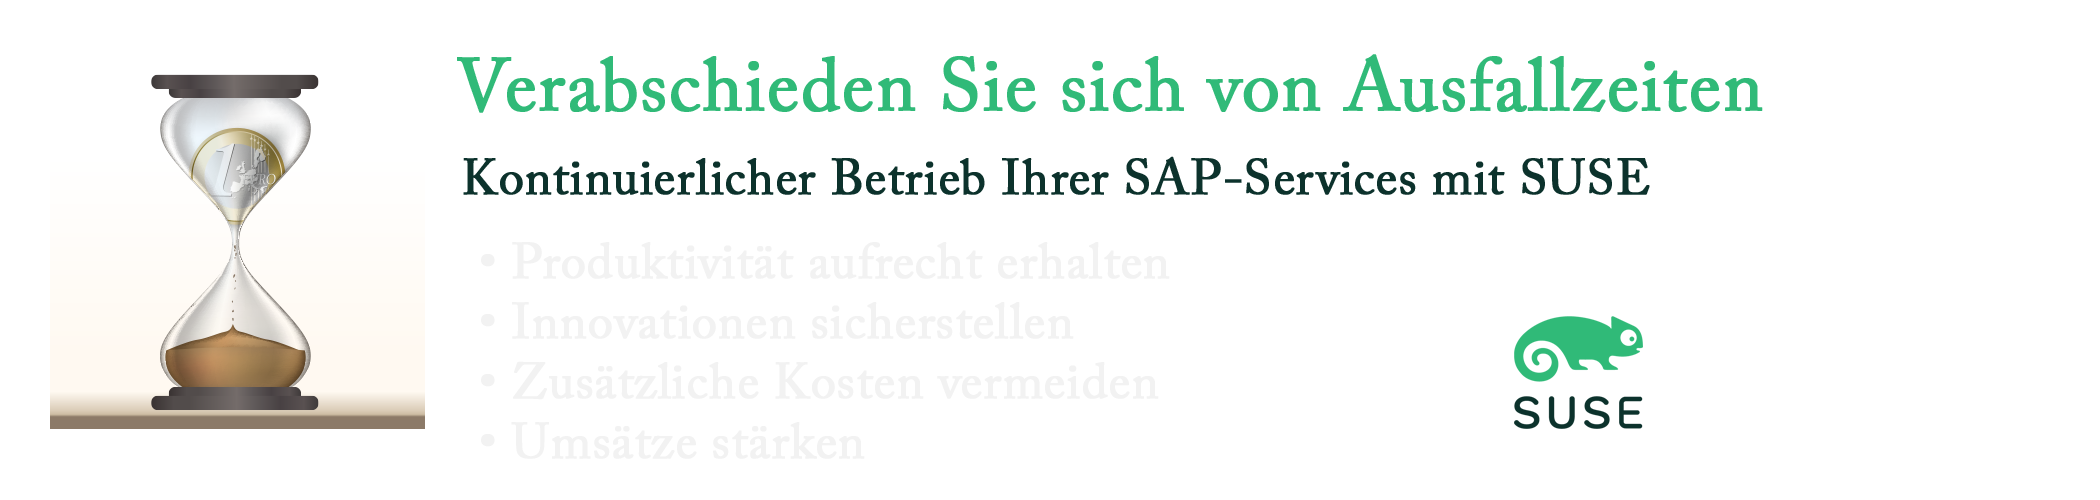 2020_10_SUSE SAP 2